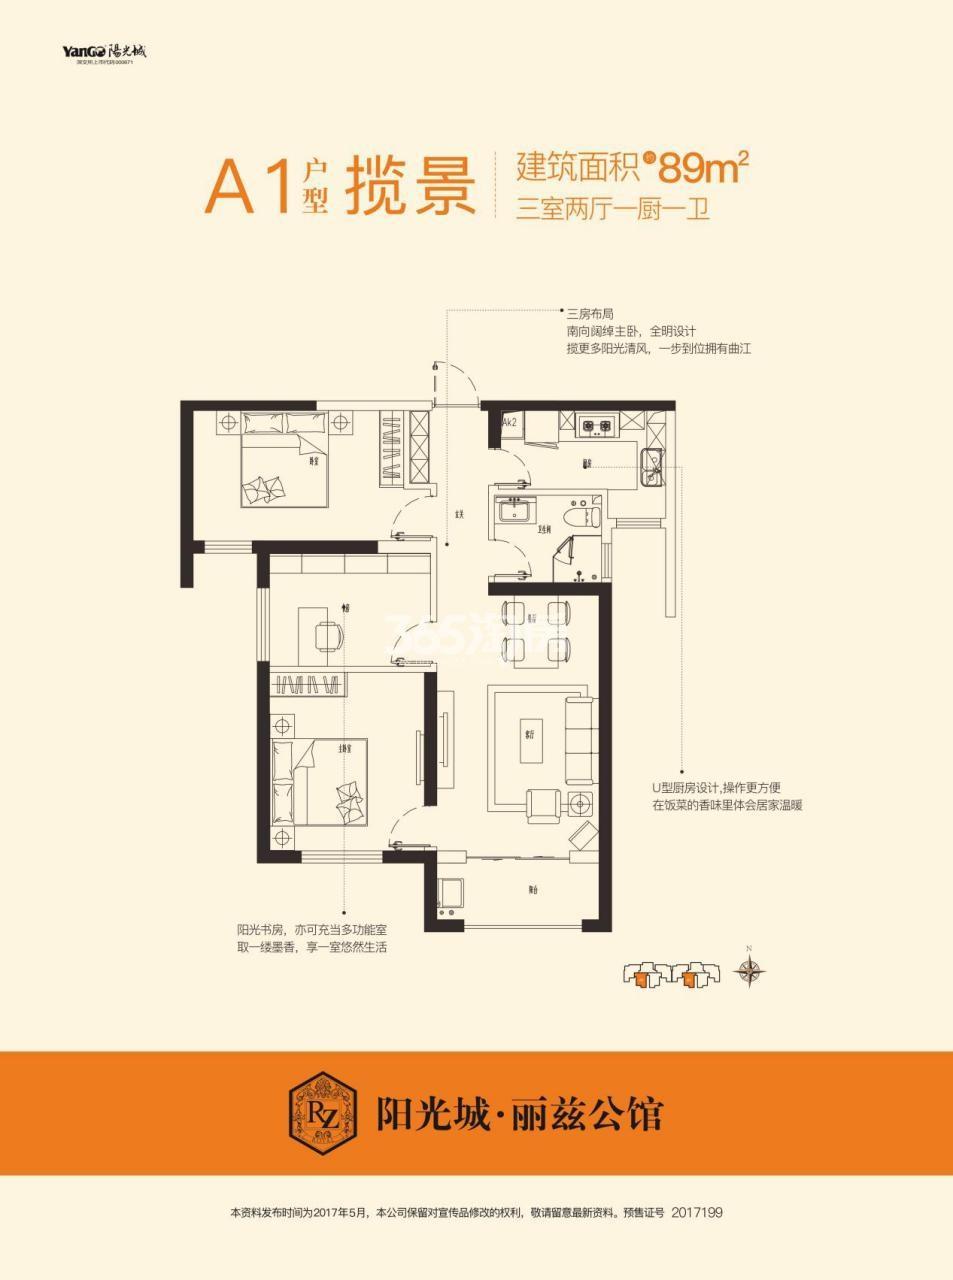 阳光城丽兹公馆A1户型-揽景3室2厅1卫1厨89平米